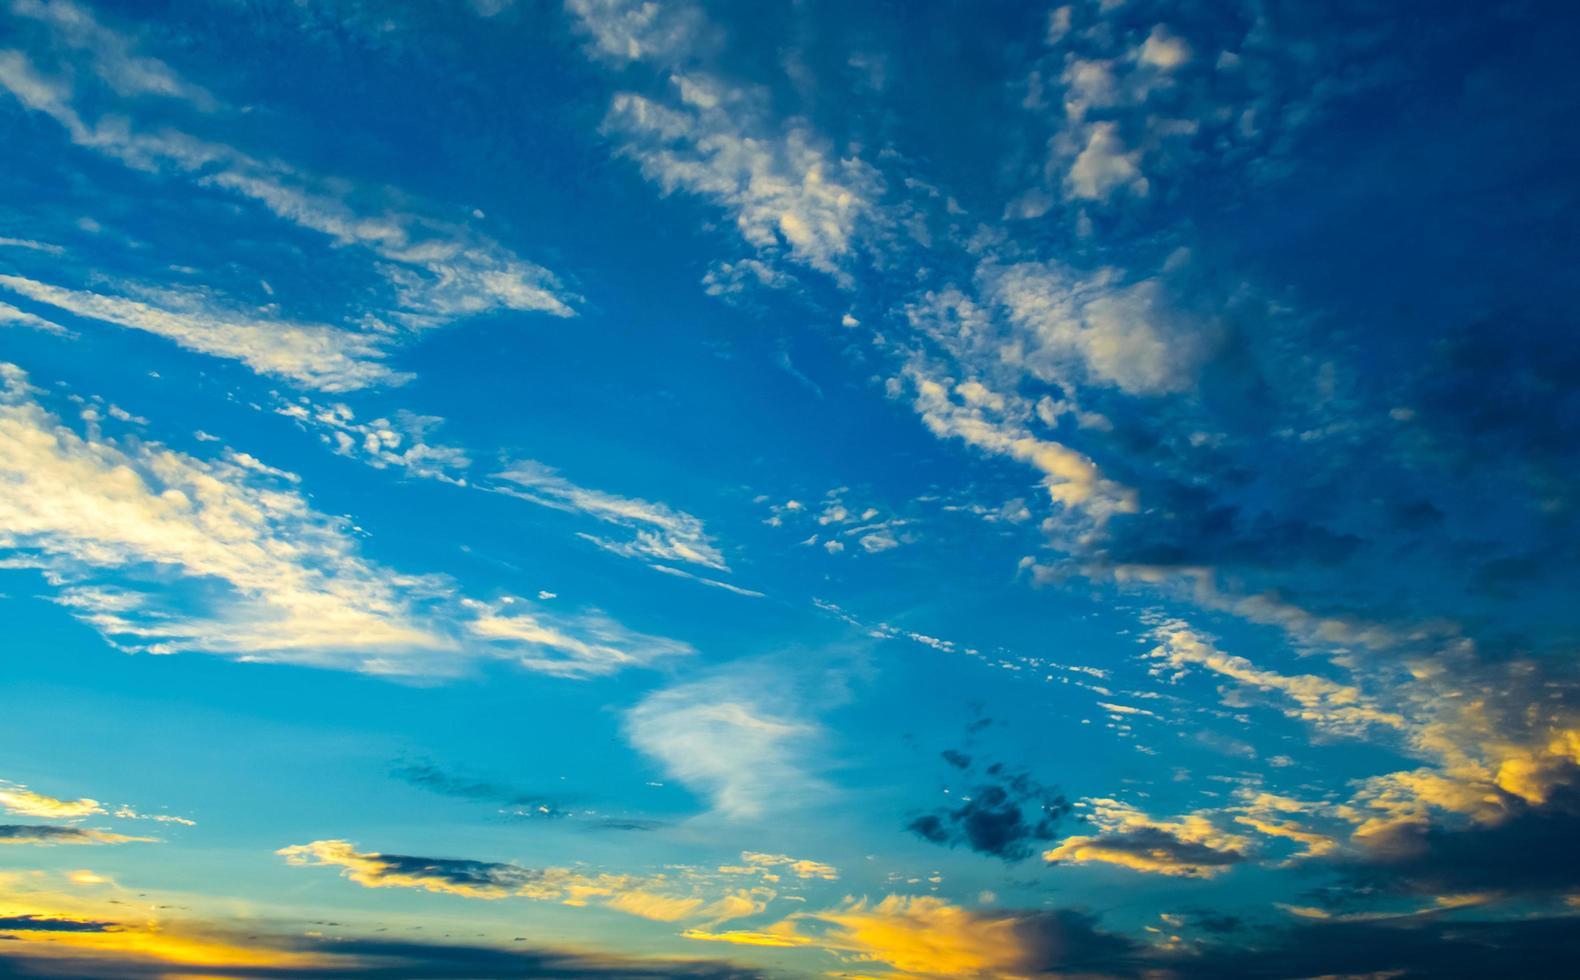 blauwe lucht en bewegende wolken, de schoonheid van de natuur foto